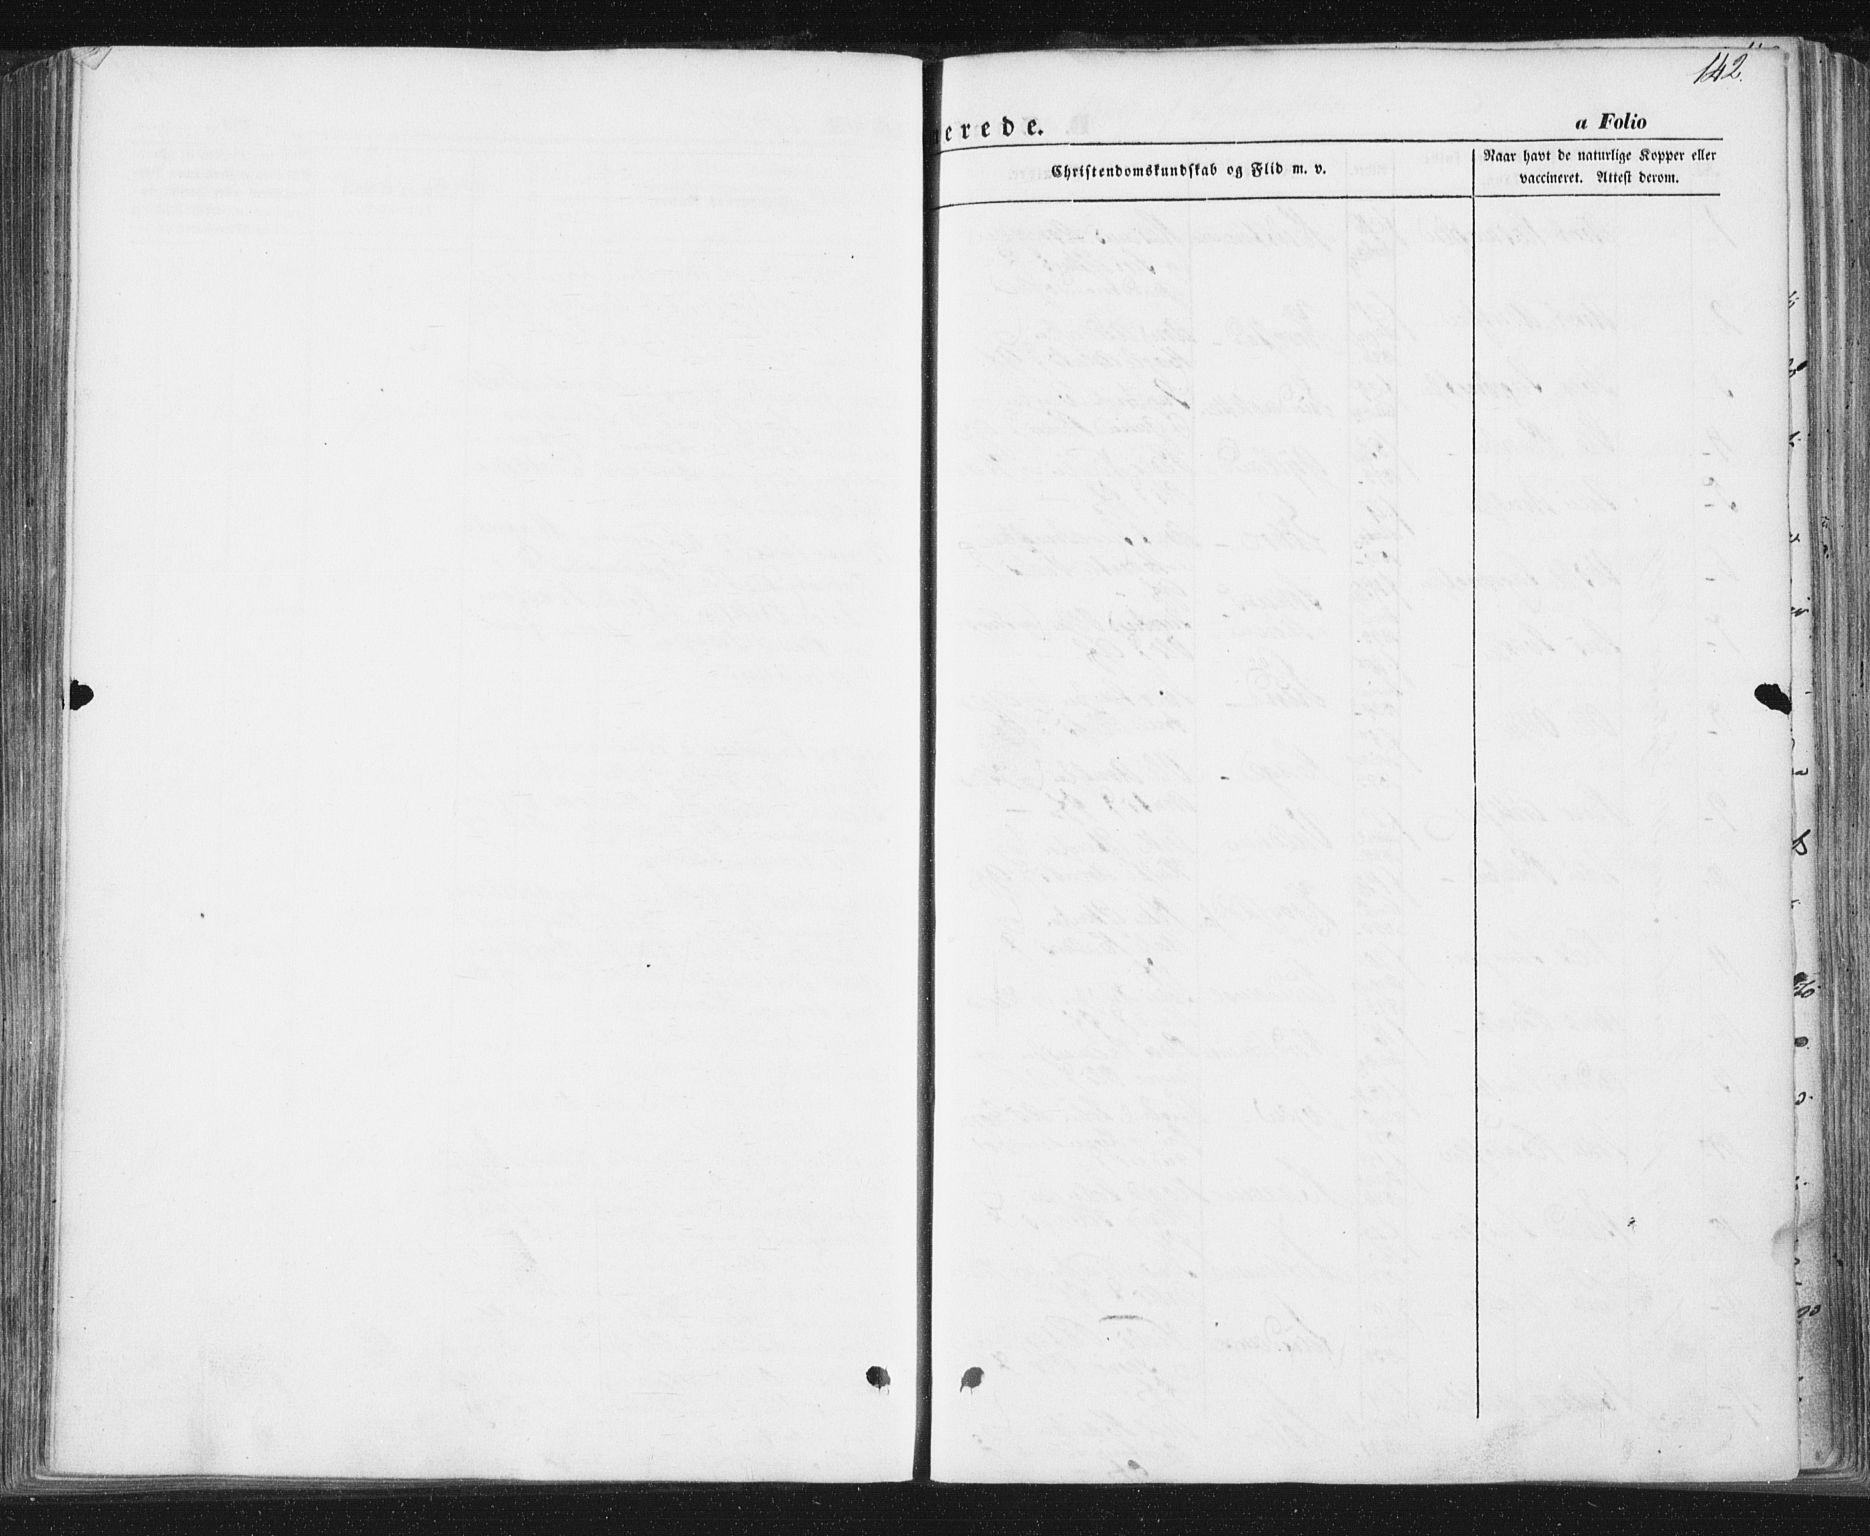 SAT, Ministerialprotokoller, klokkerbøker og fødselsregistre - Sør-Trøndelag, 692/L1103: Ministerialbok nr. 692A03, 1849-1870, s. 142